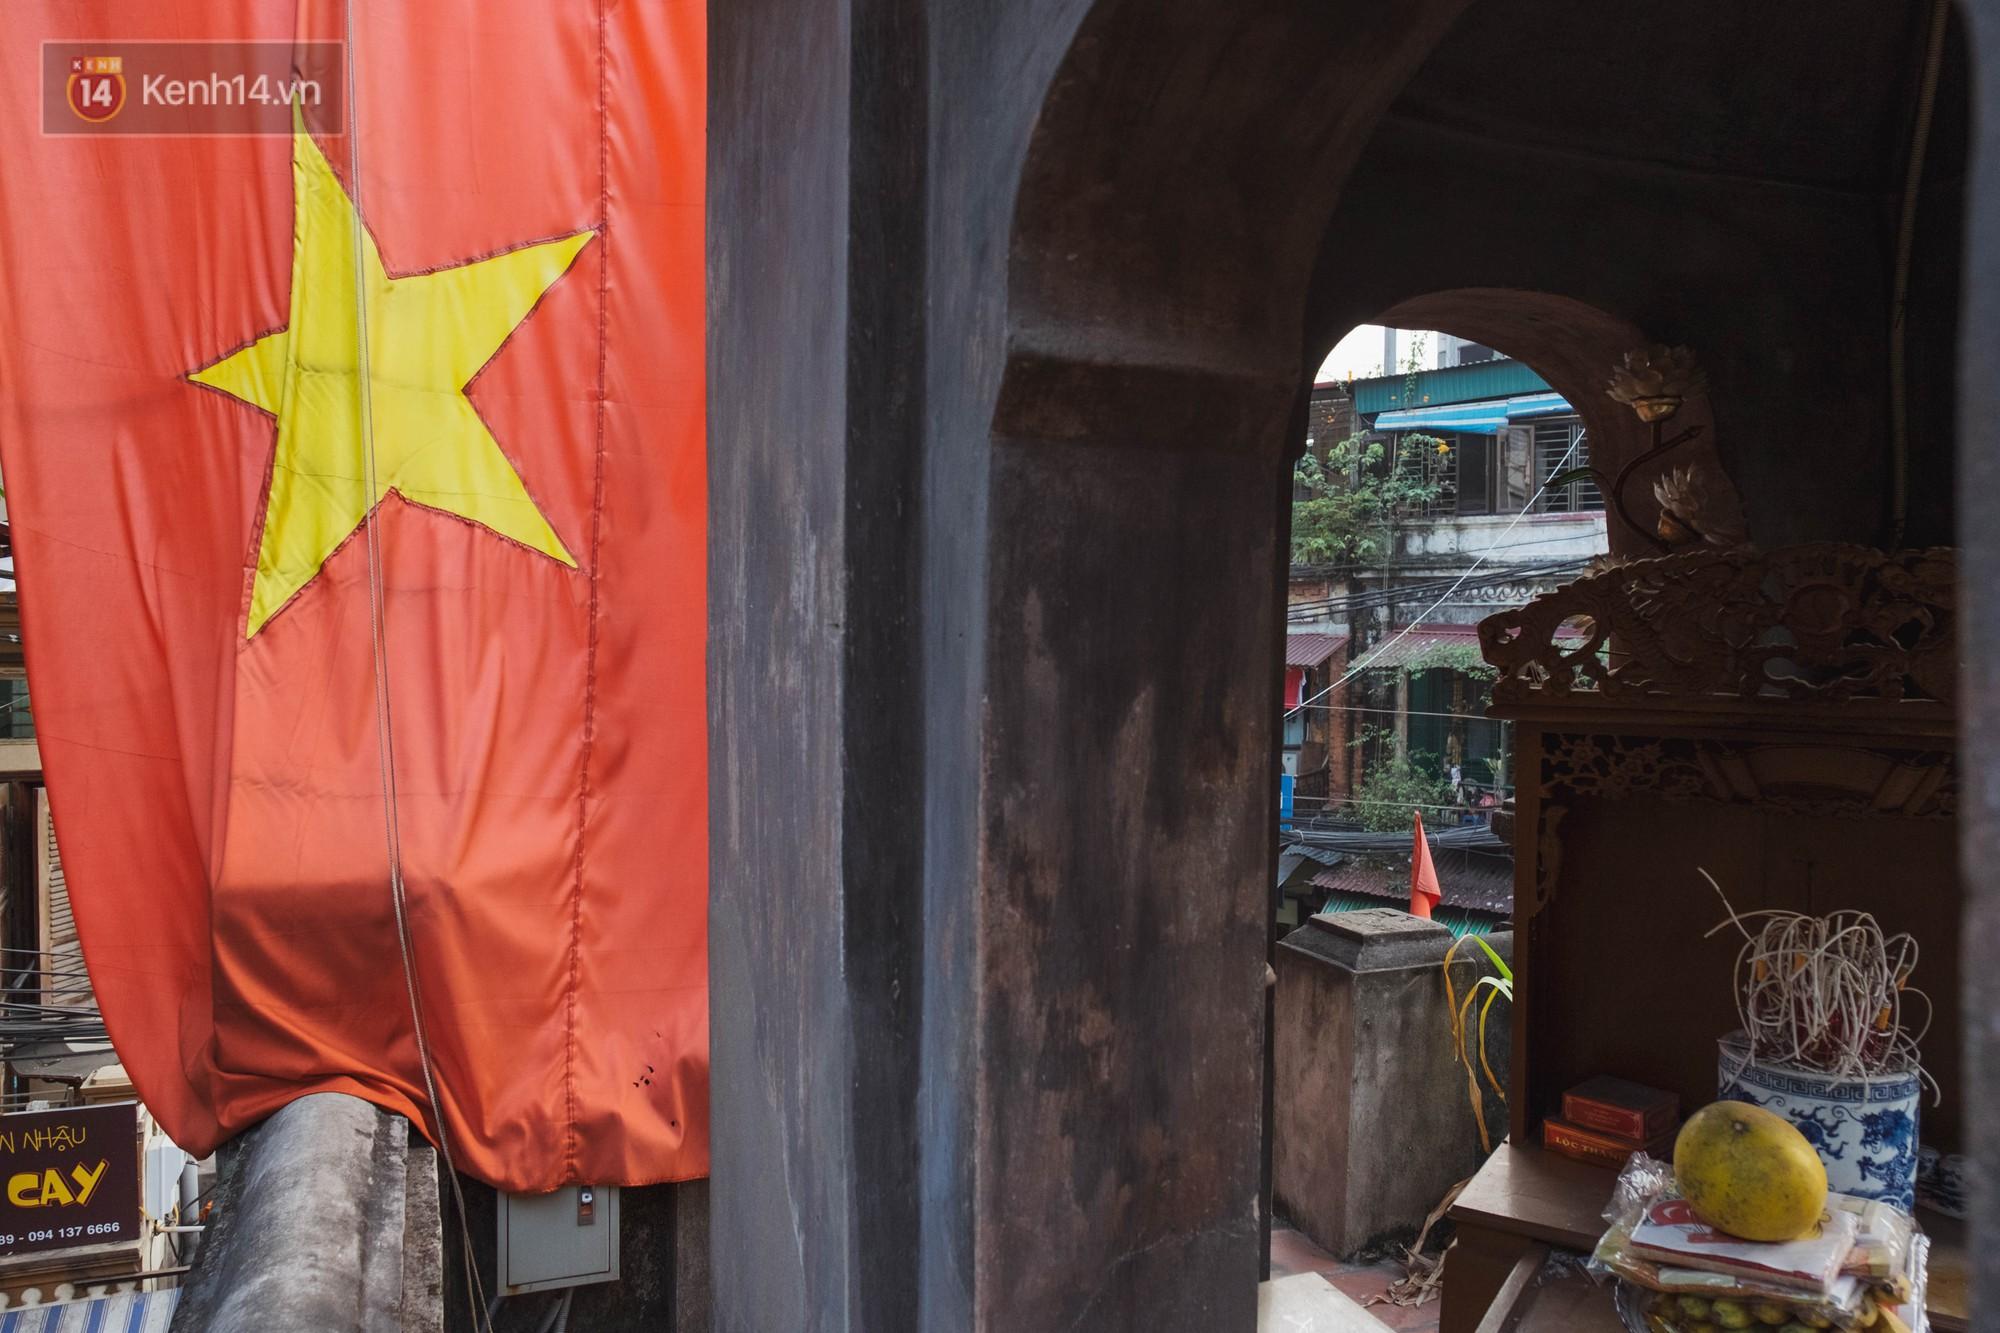 Chuyện người đàn ông ở Hà Nội 20 năm canh giữ cửa ô duy nhất còn lại của kinh thành Thăng Long xưa 9